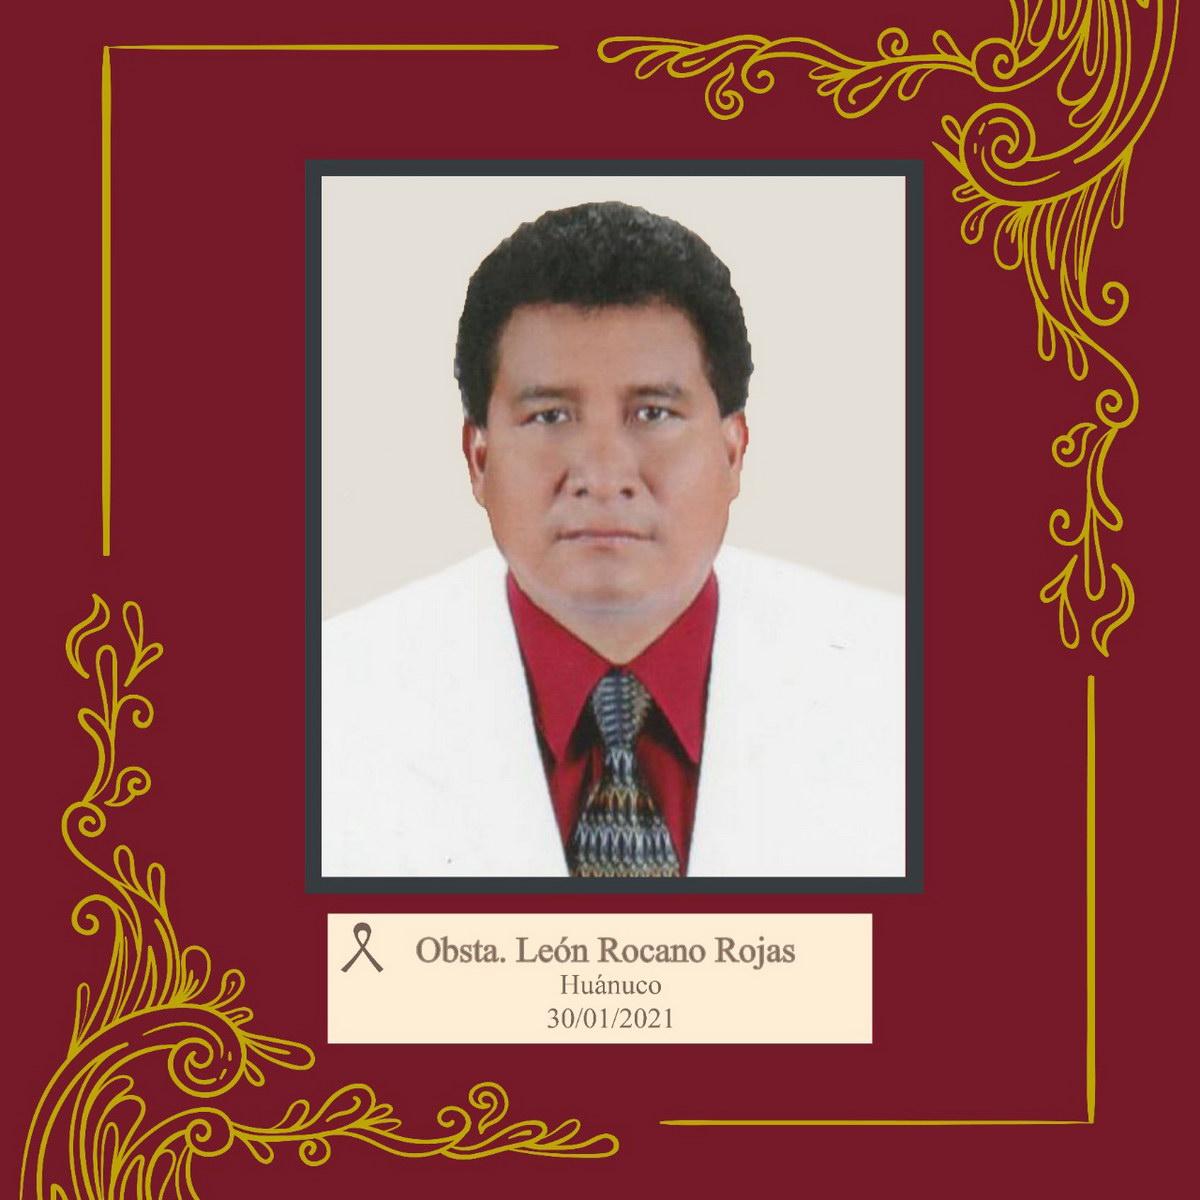 León Roncano Rojas